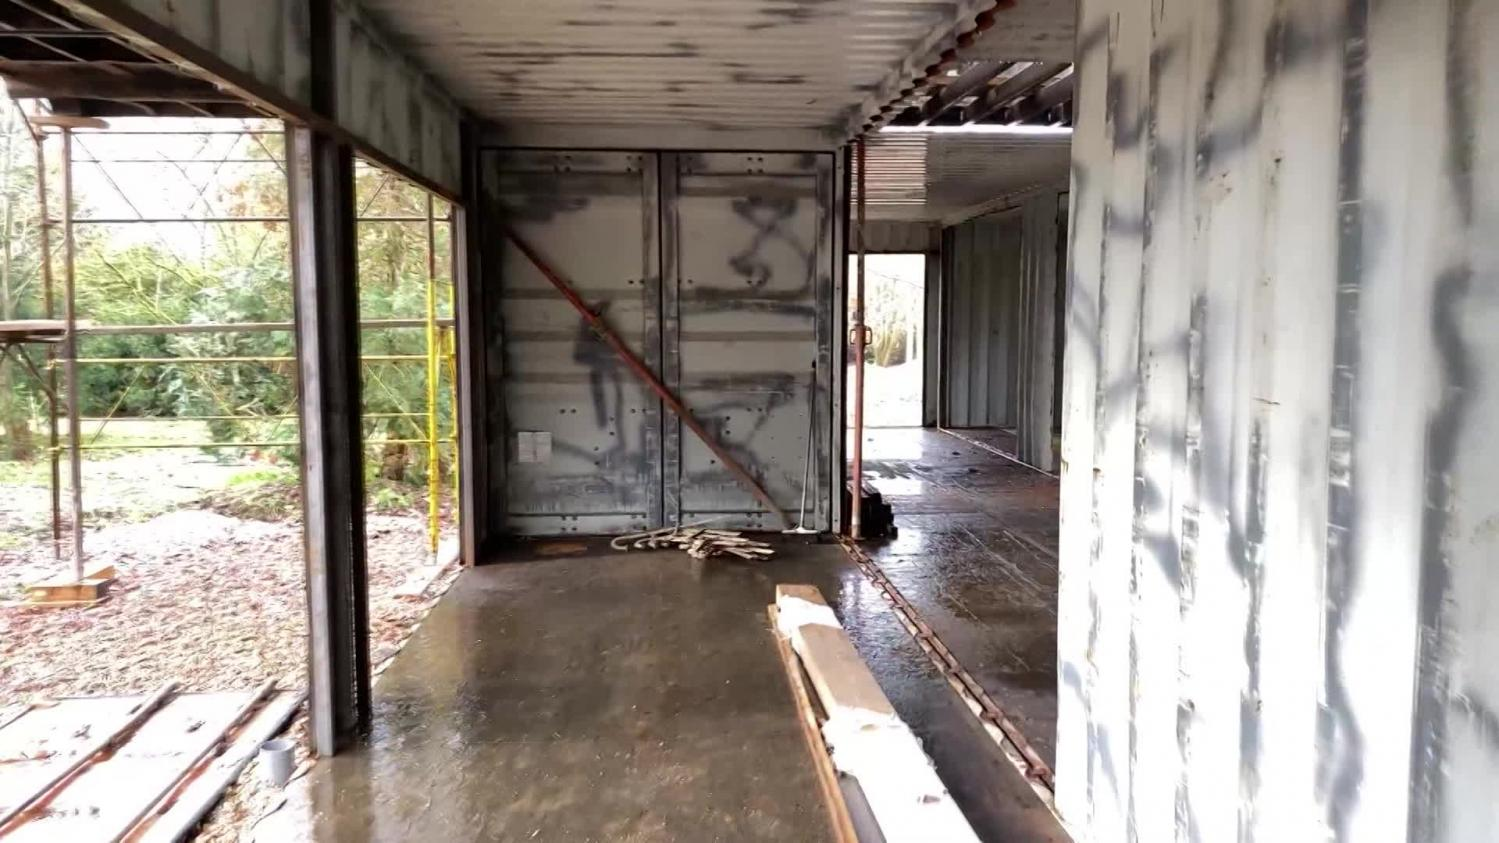 En Meurthe-et-Moselle, une maison de 140 m² construite à base de containers recyclés